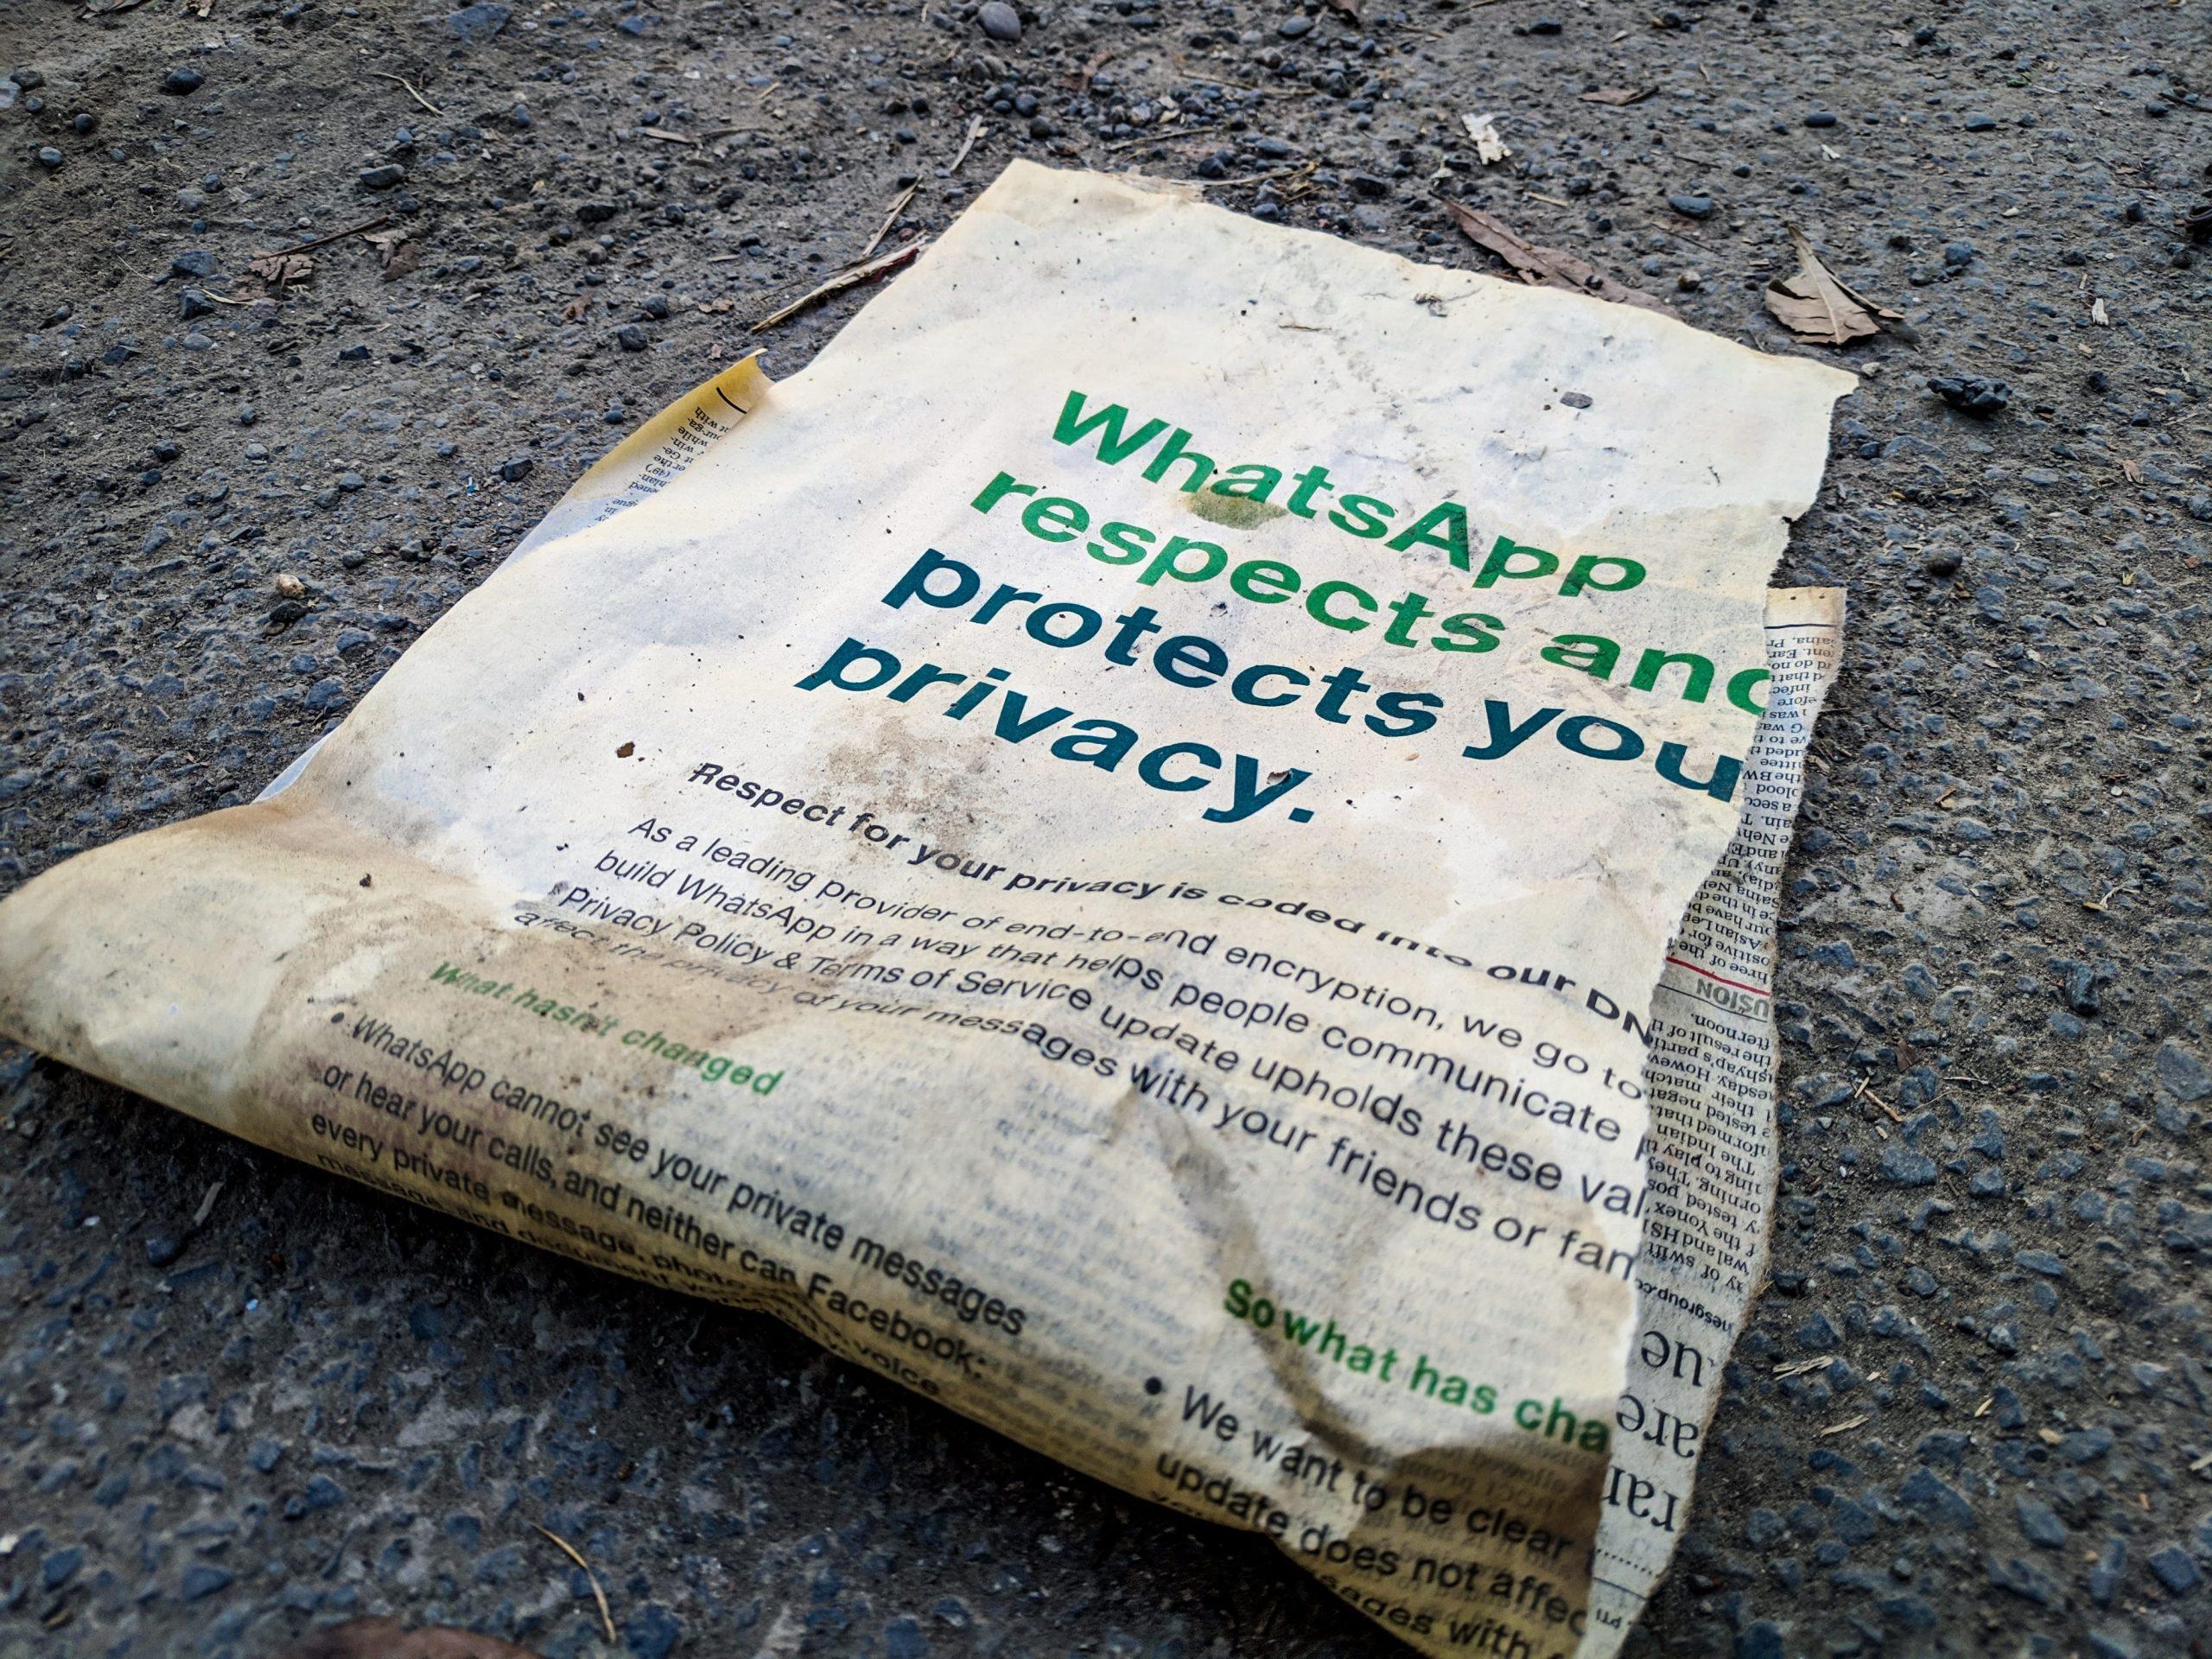 WhatsApp e le nuove regole sulla privacy: conviene cambiare?